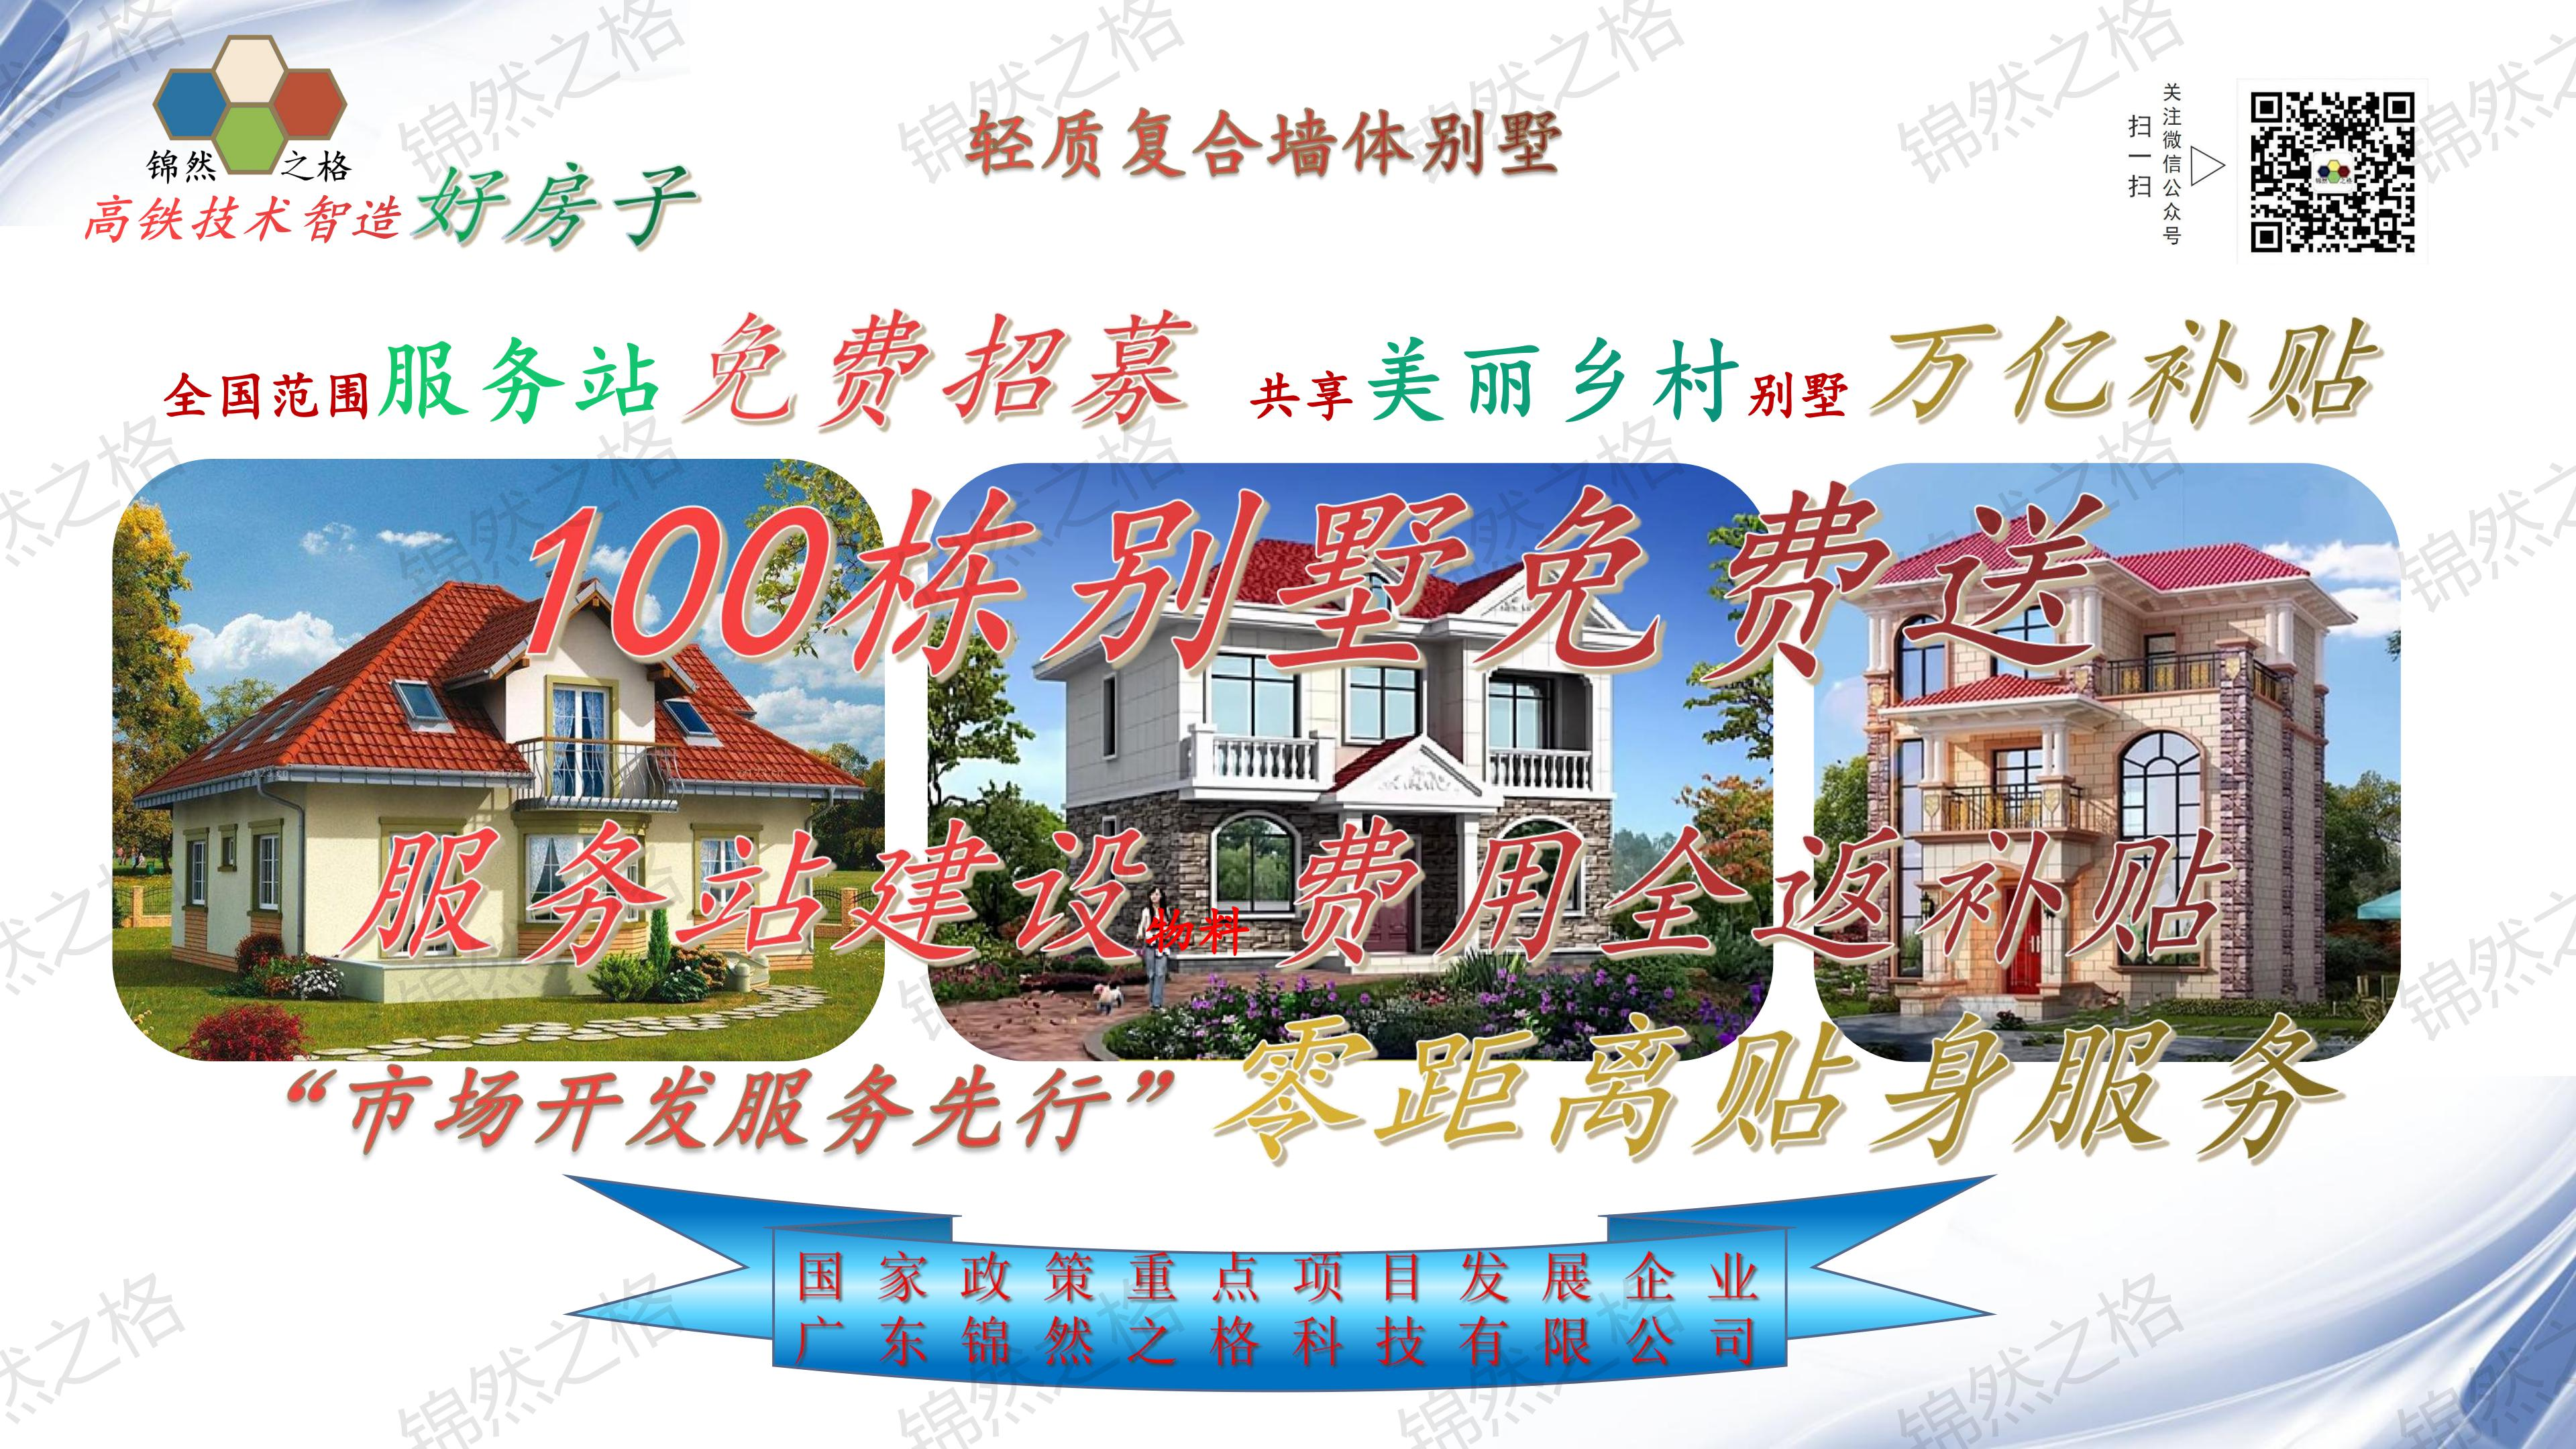 广州装配式建筑,佛山轻钢式建筑,湖南装配式建筑,惠州装配式建筑,番禺轻钢别墅